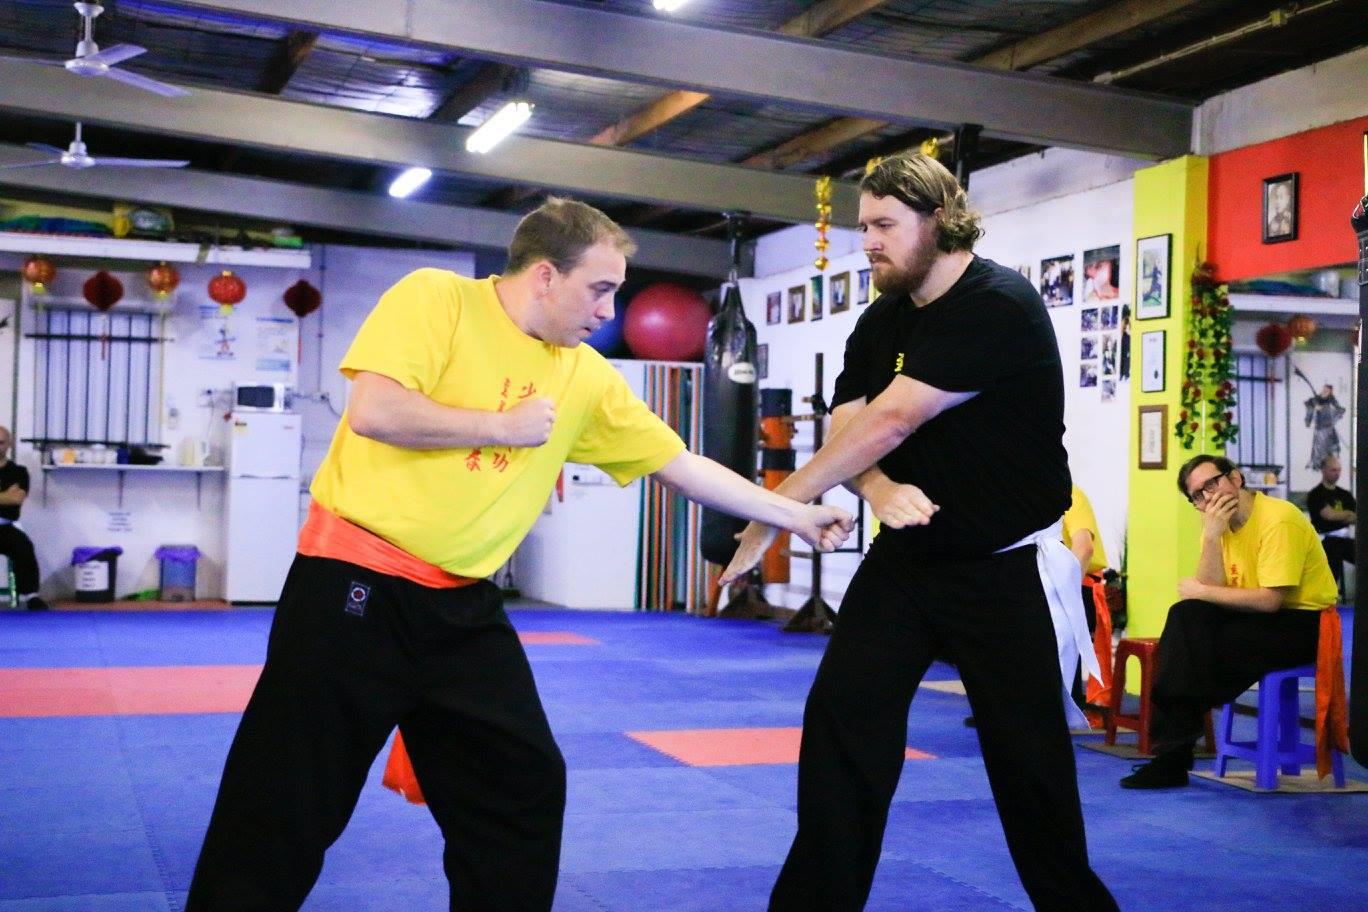 Grading - Bendigo Wing Chun students